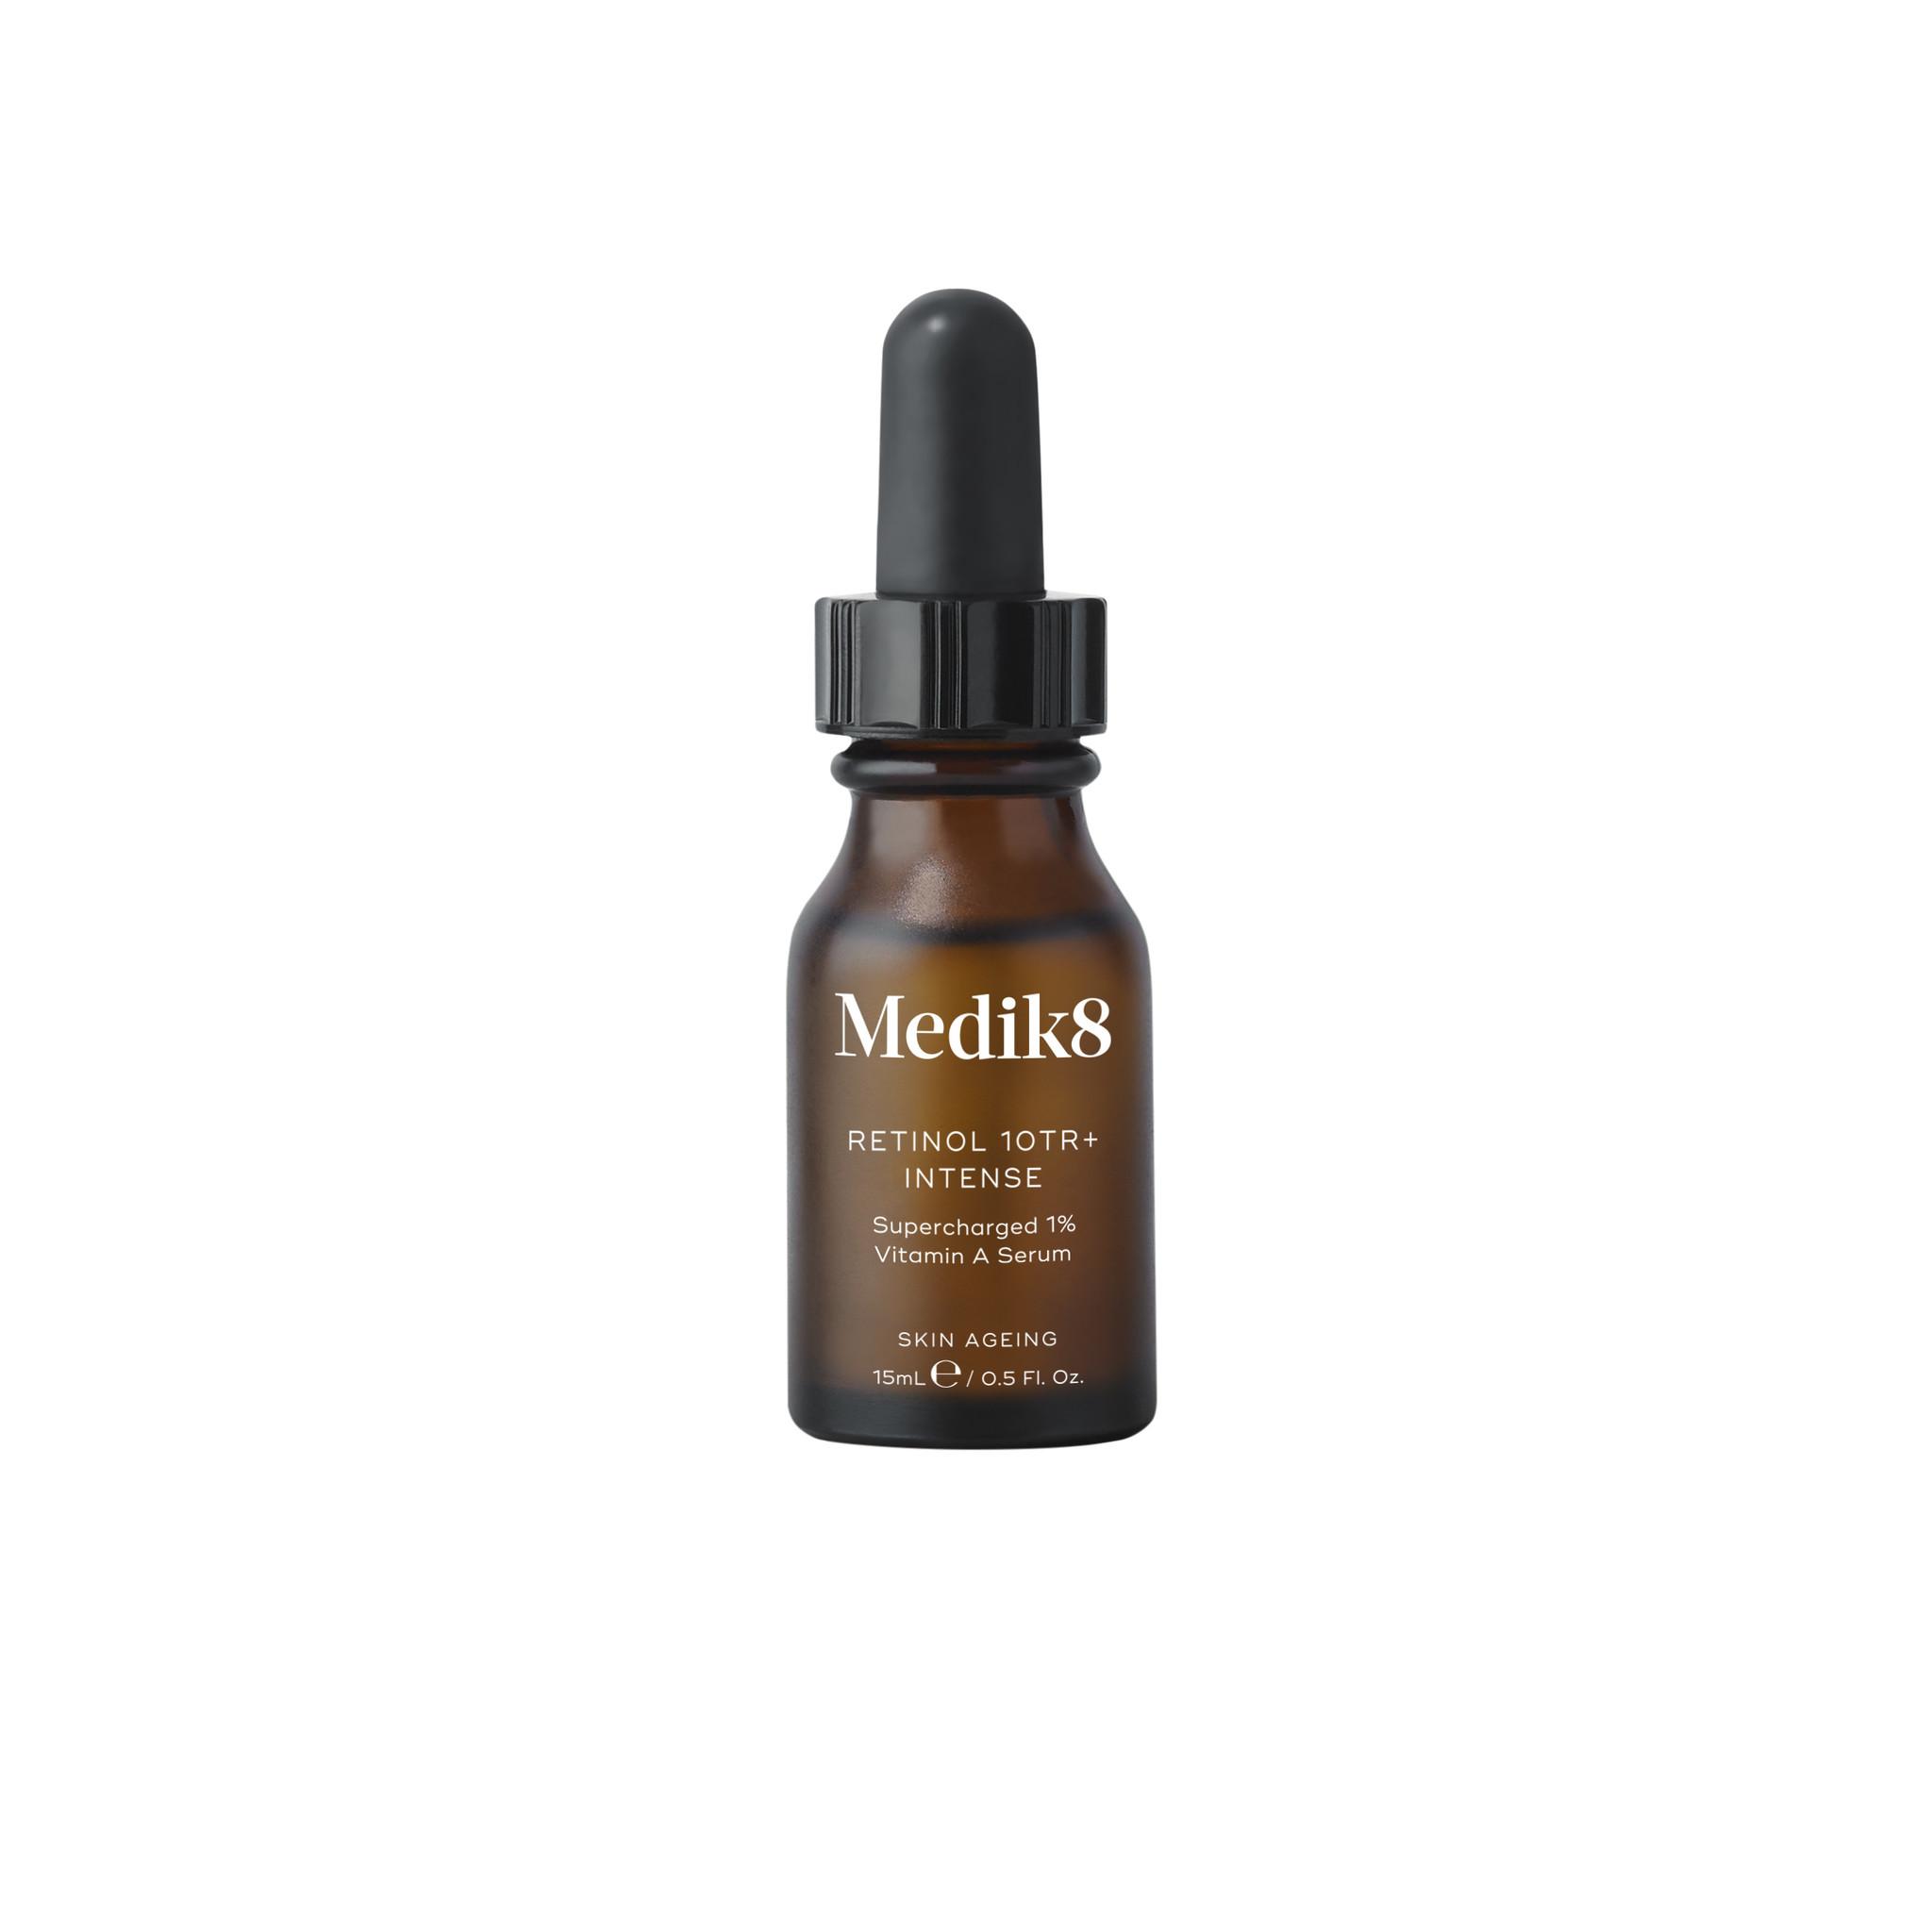 Medik8 Retinol 10TR + Intense | Advanced 1% Vitamin A Serum | 15ml